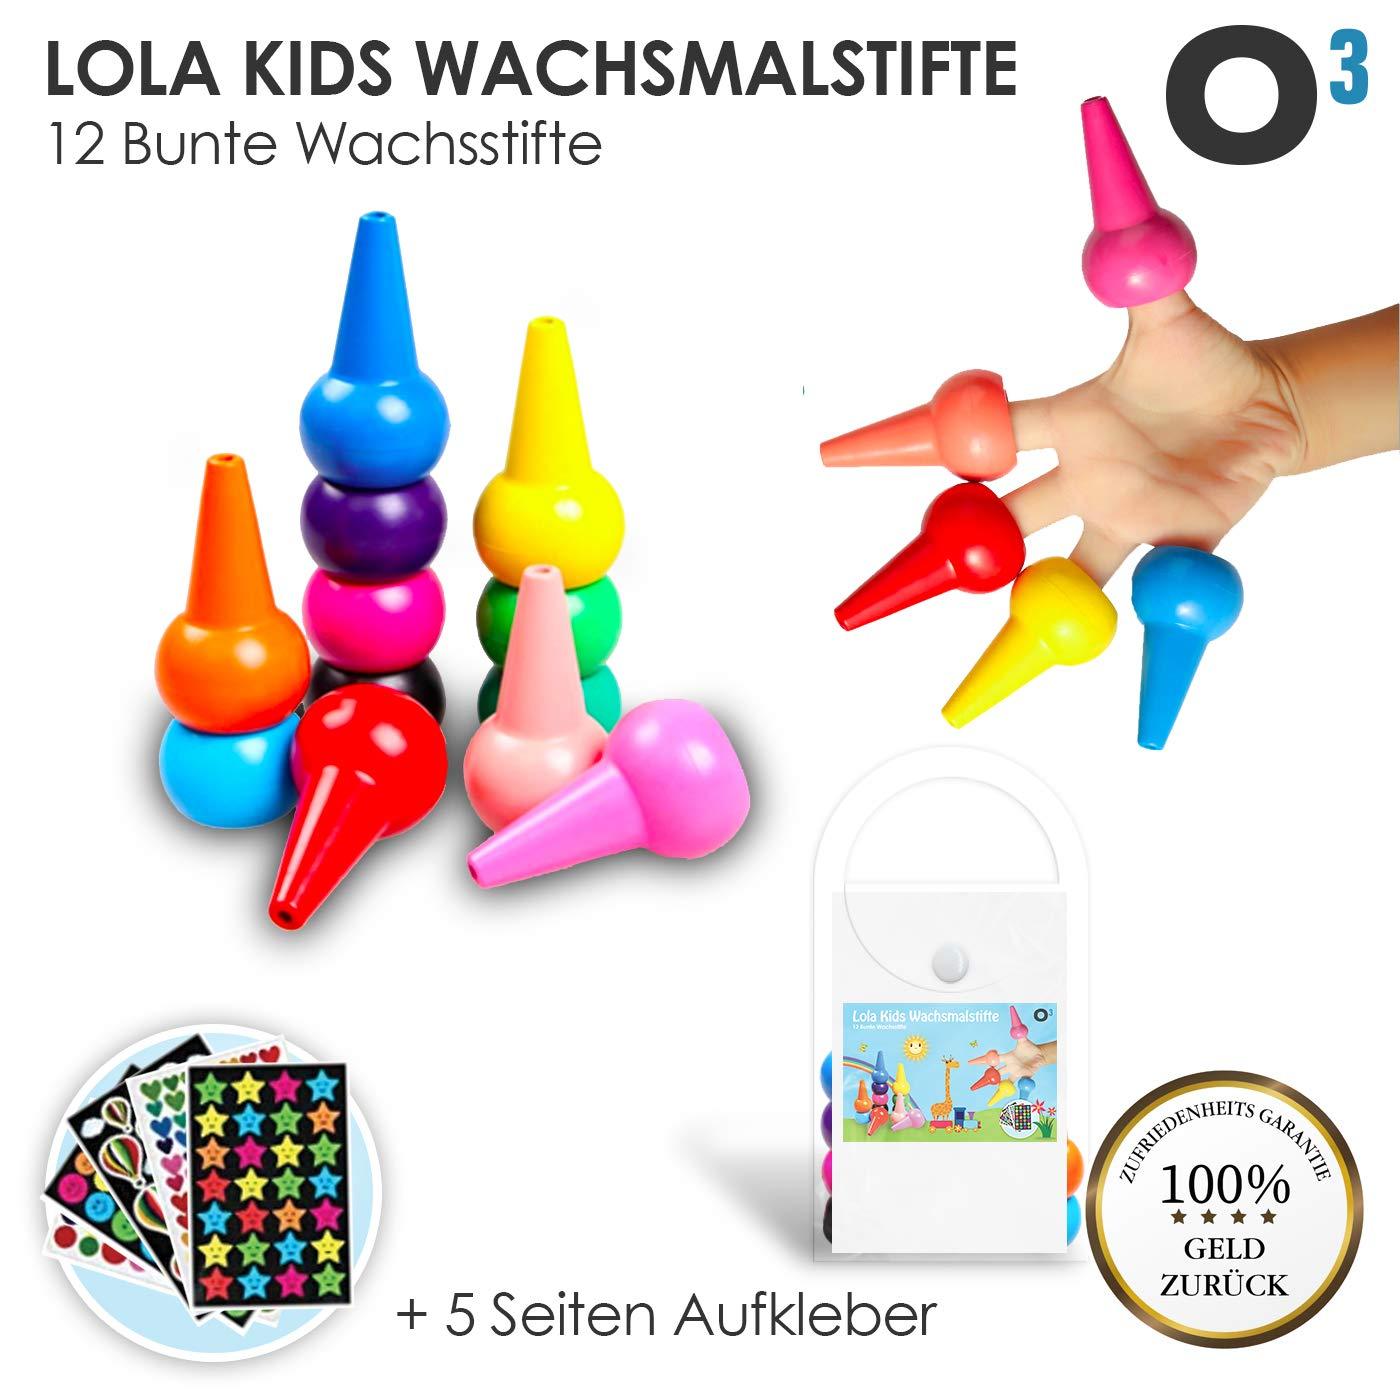 O³ Lola Kids Wachsmalstifte Kleinkinder ab 1 Jahr ungiftig // 12 bunte Wachsstifte // Ungiftig und CE-zertifiziert // Griffig für kleine Kinderhände // 5 Seiten Aufkleber gratis O³